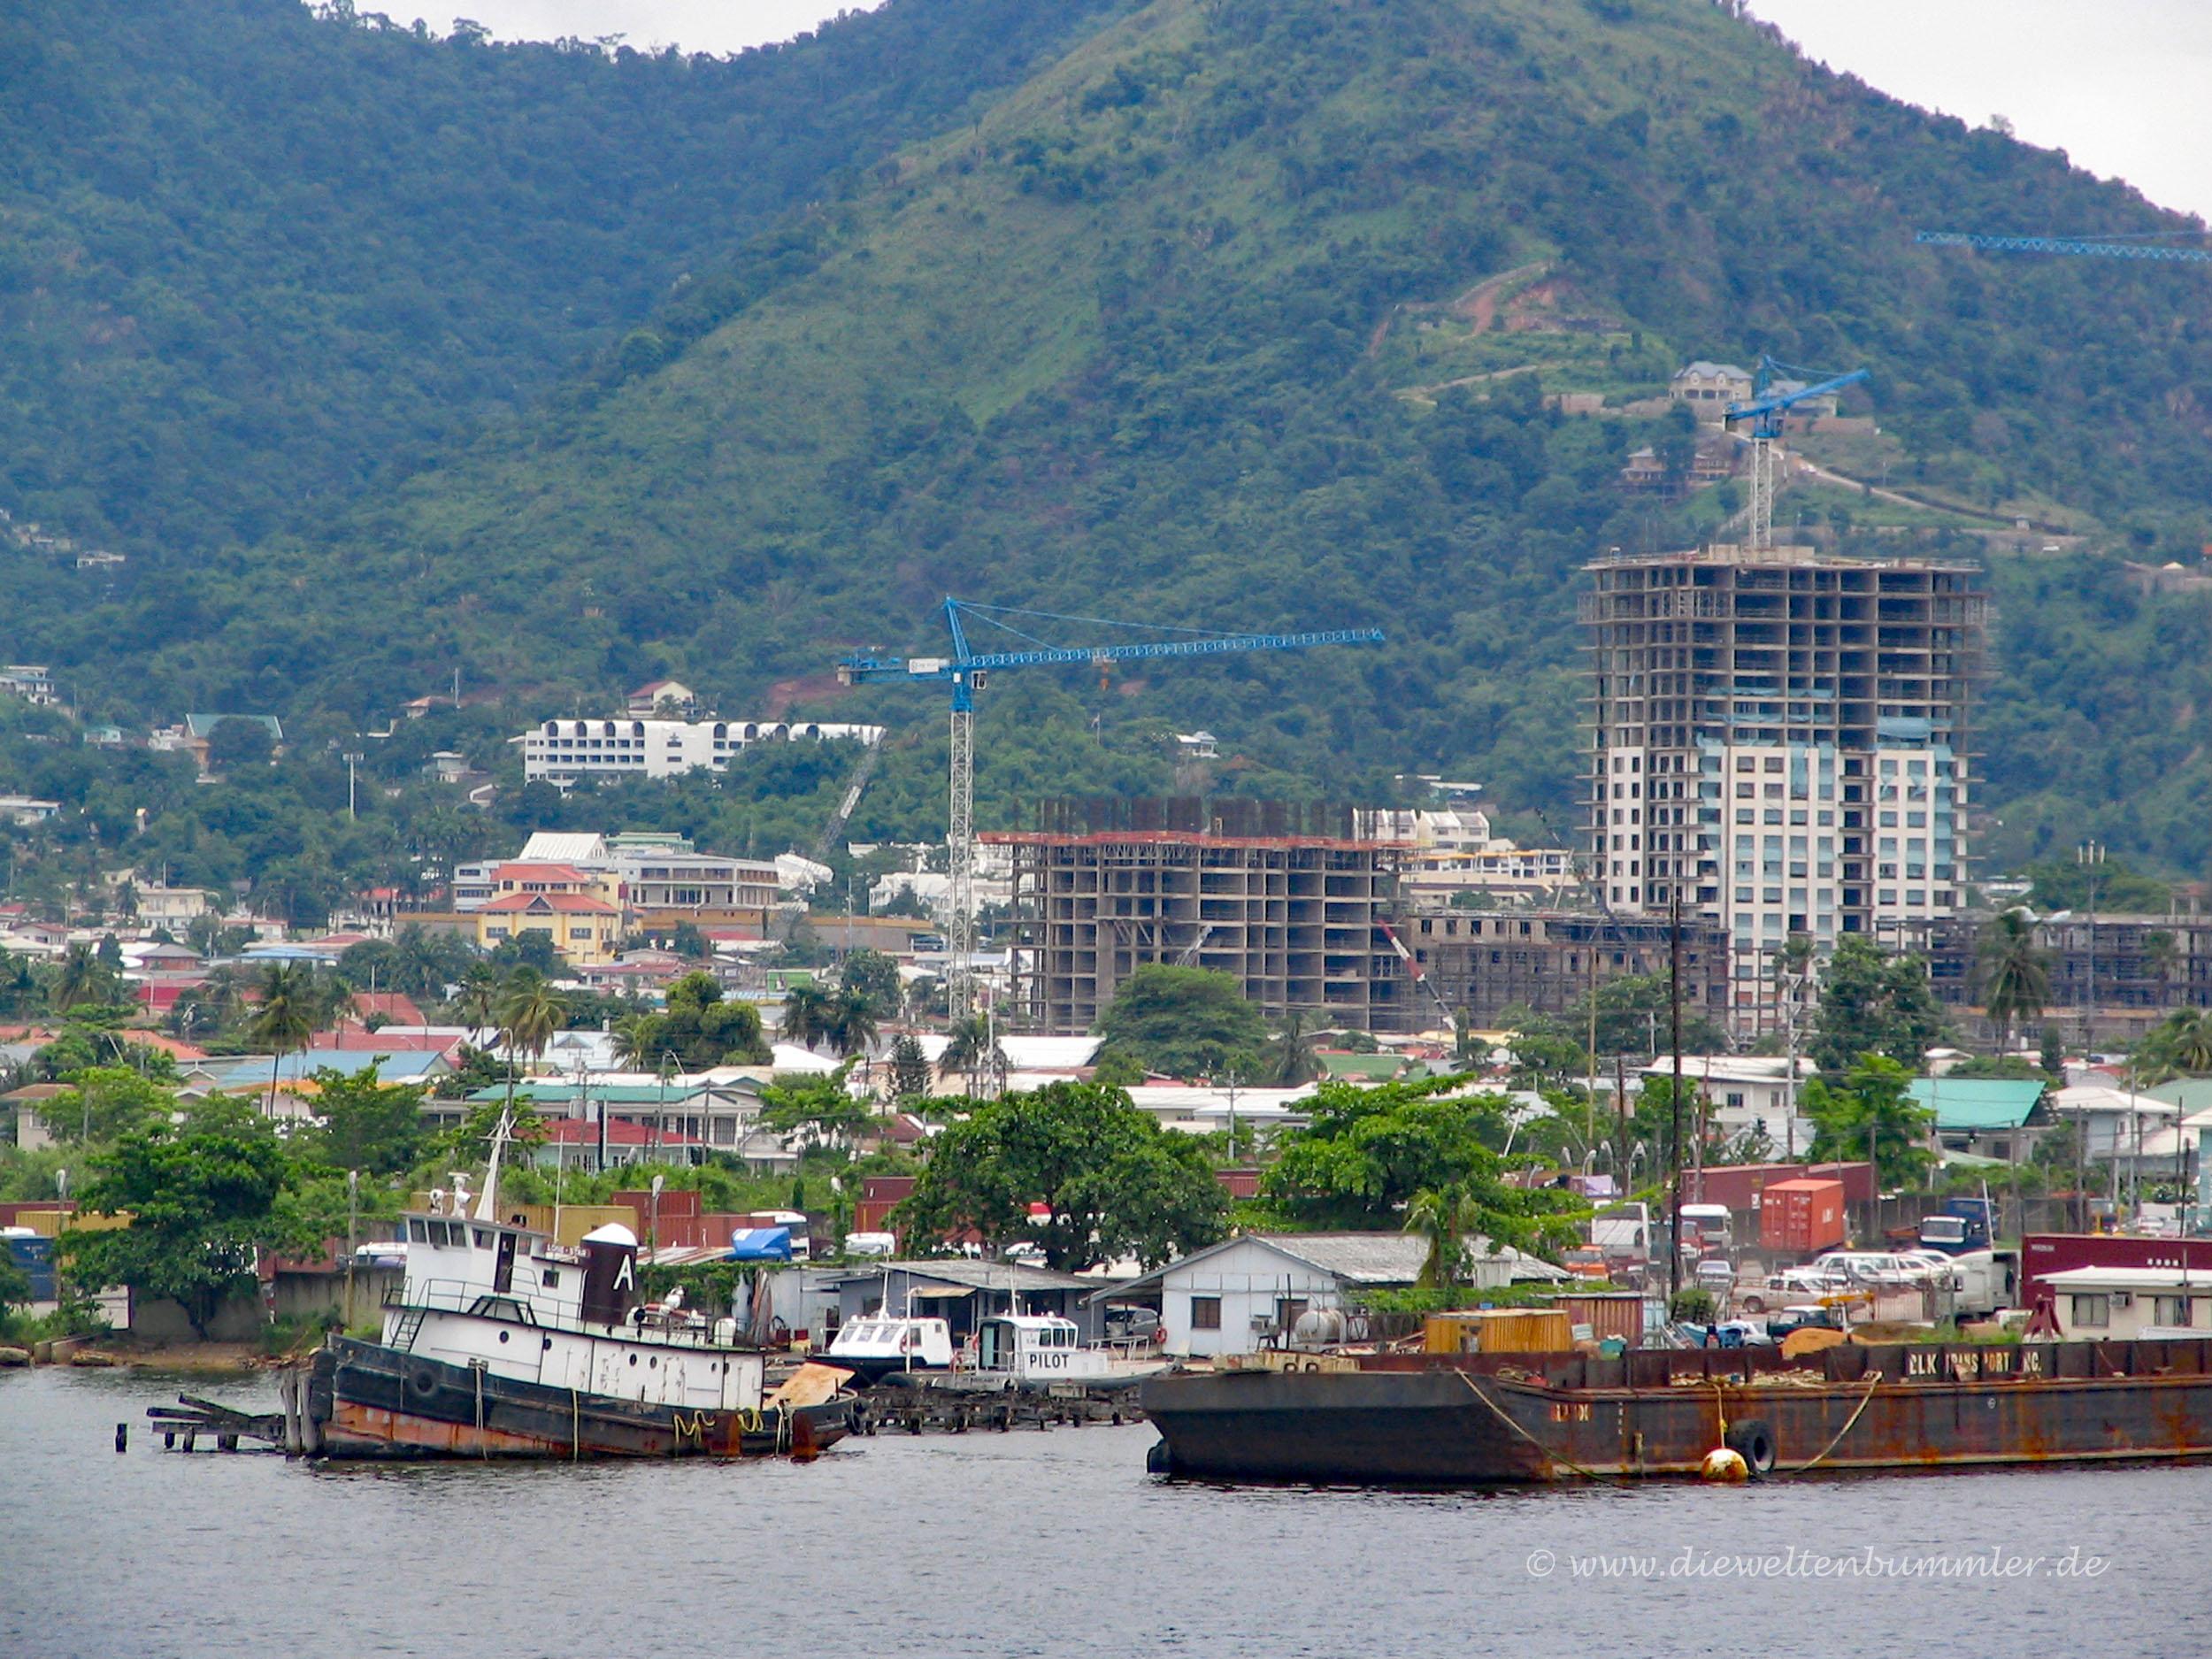 Damalige Skyline von Port-of-Spain